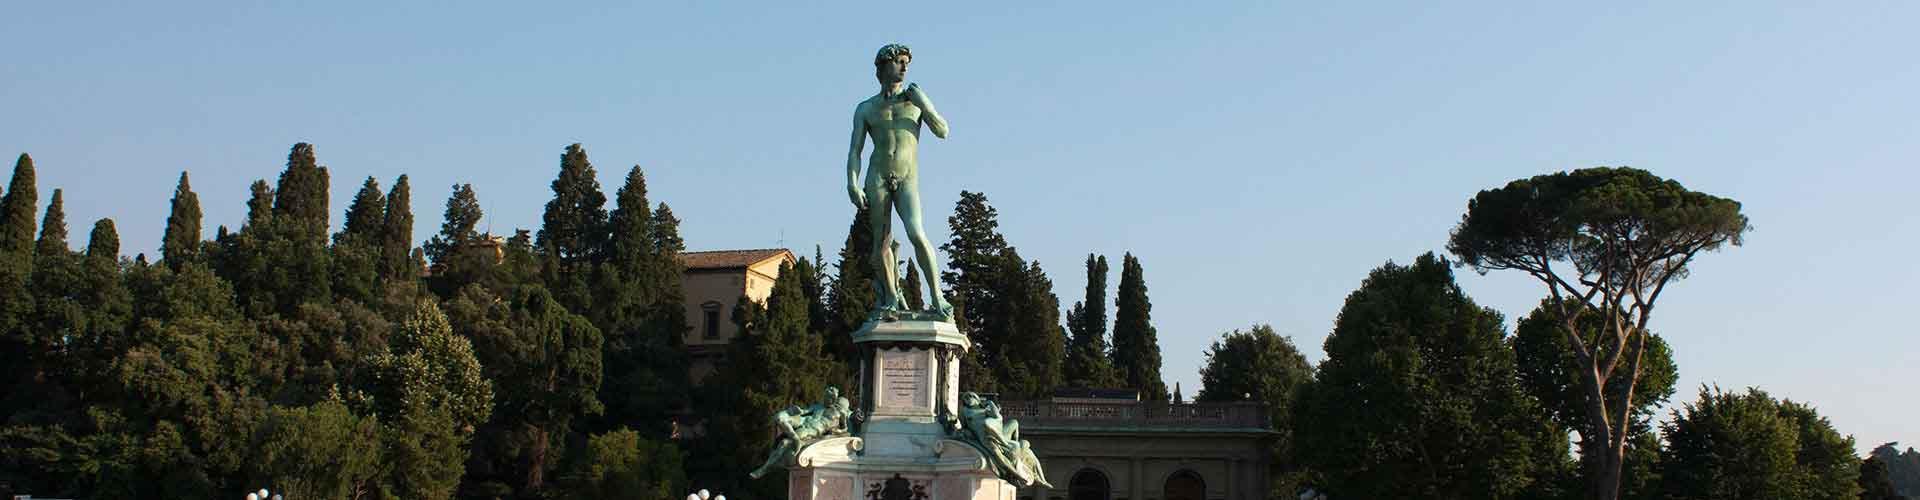 Florence - Chambres pas chères dans le quartier de Piazzale Michelangelo. Cartes pour Florence, photos et commentaires pour chaque chambre à Florence.